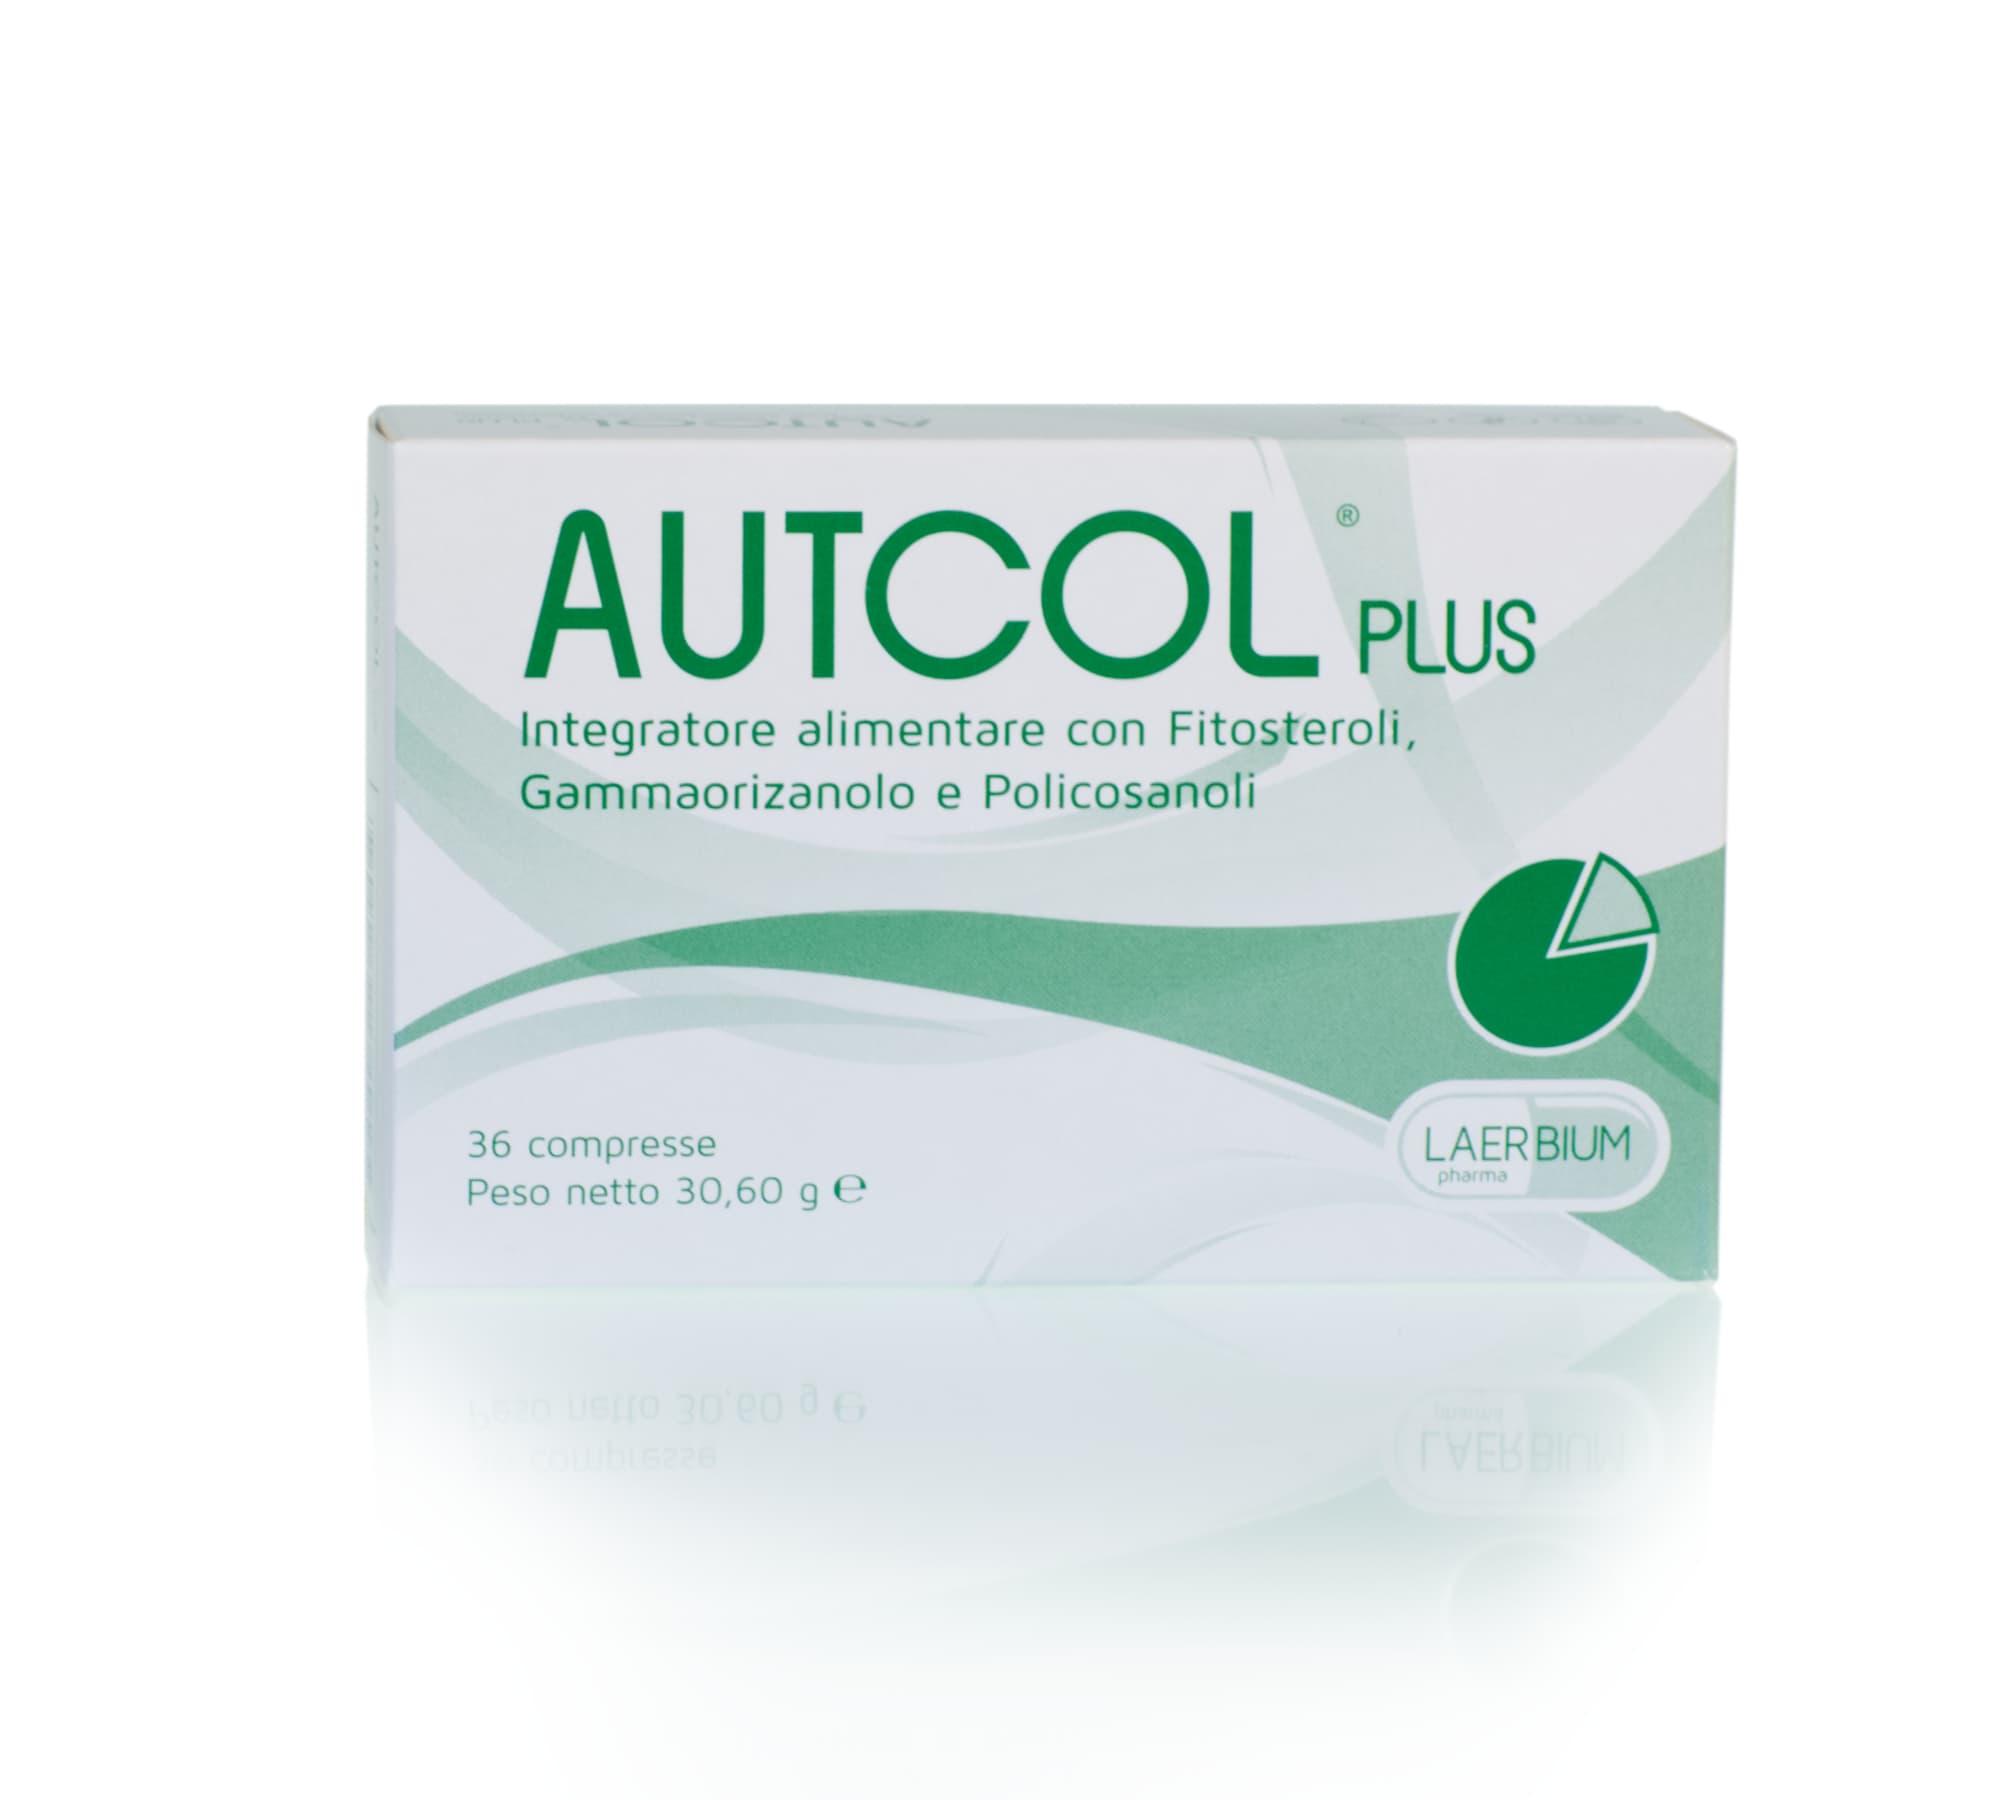 Autcol Plus